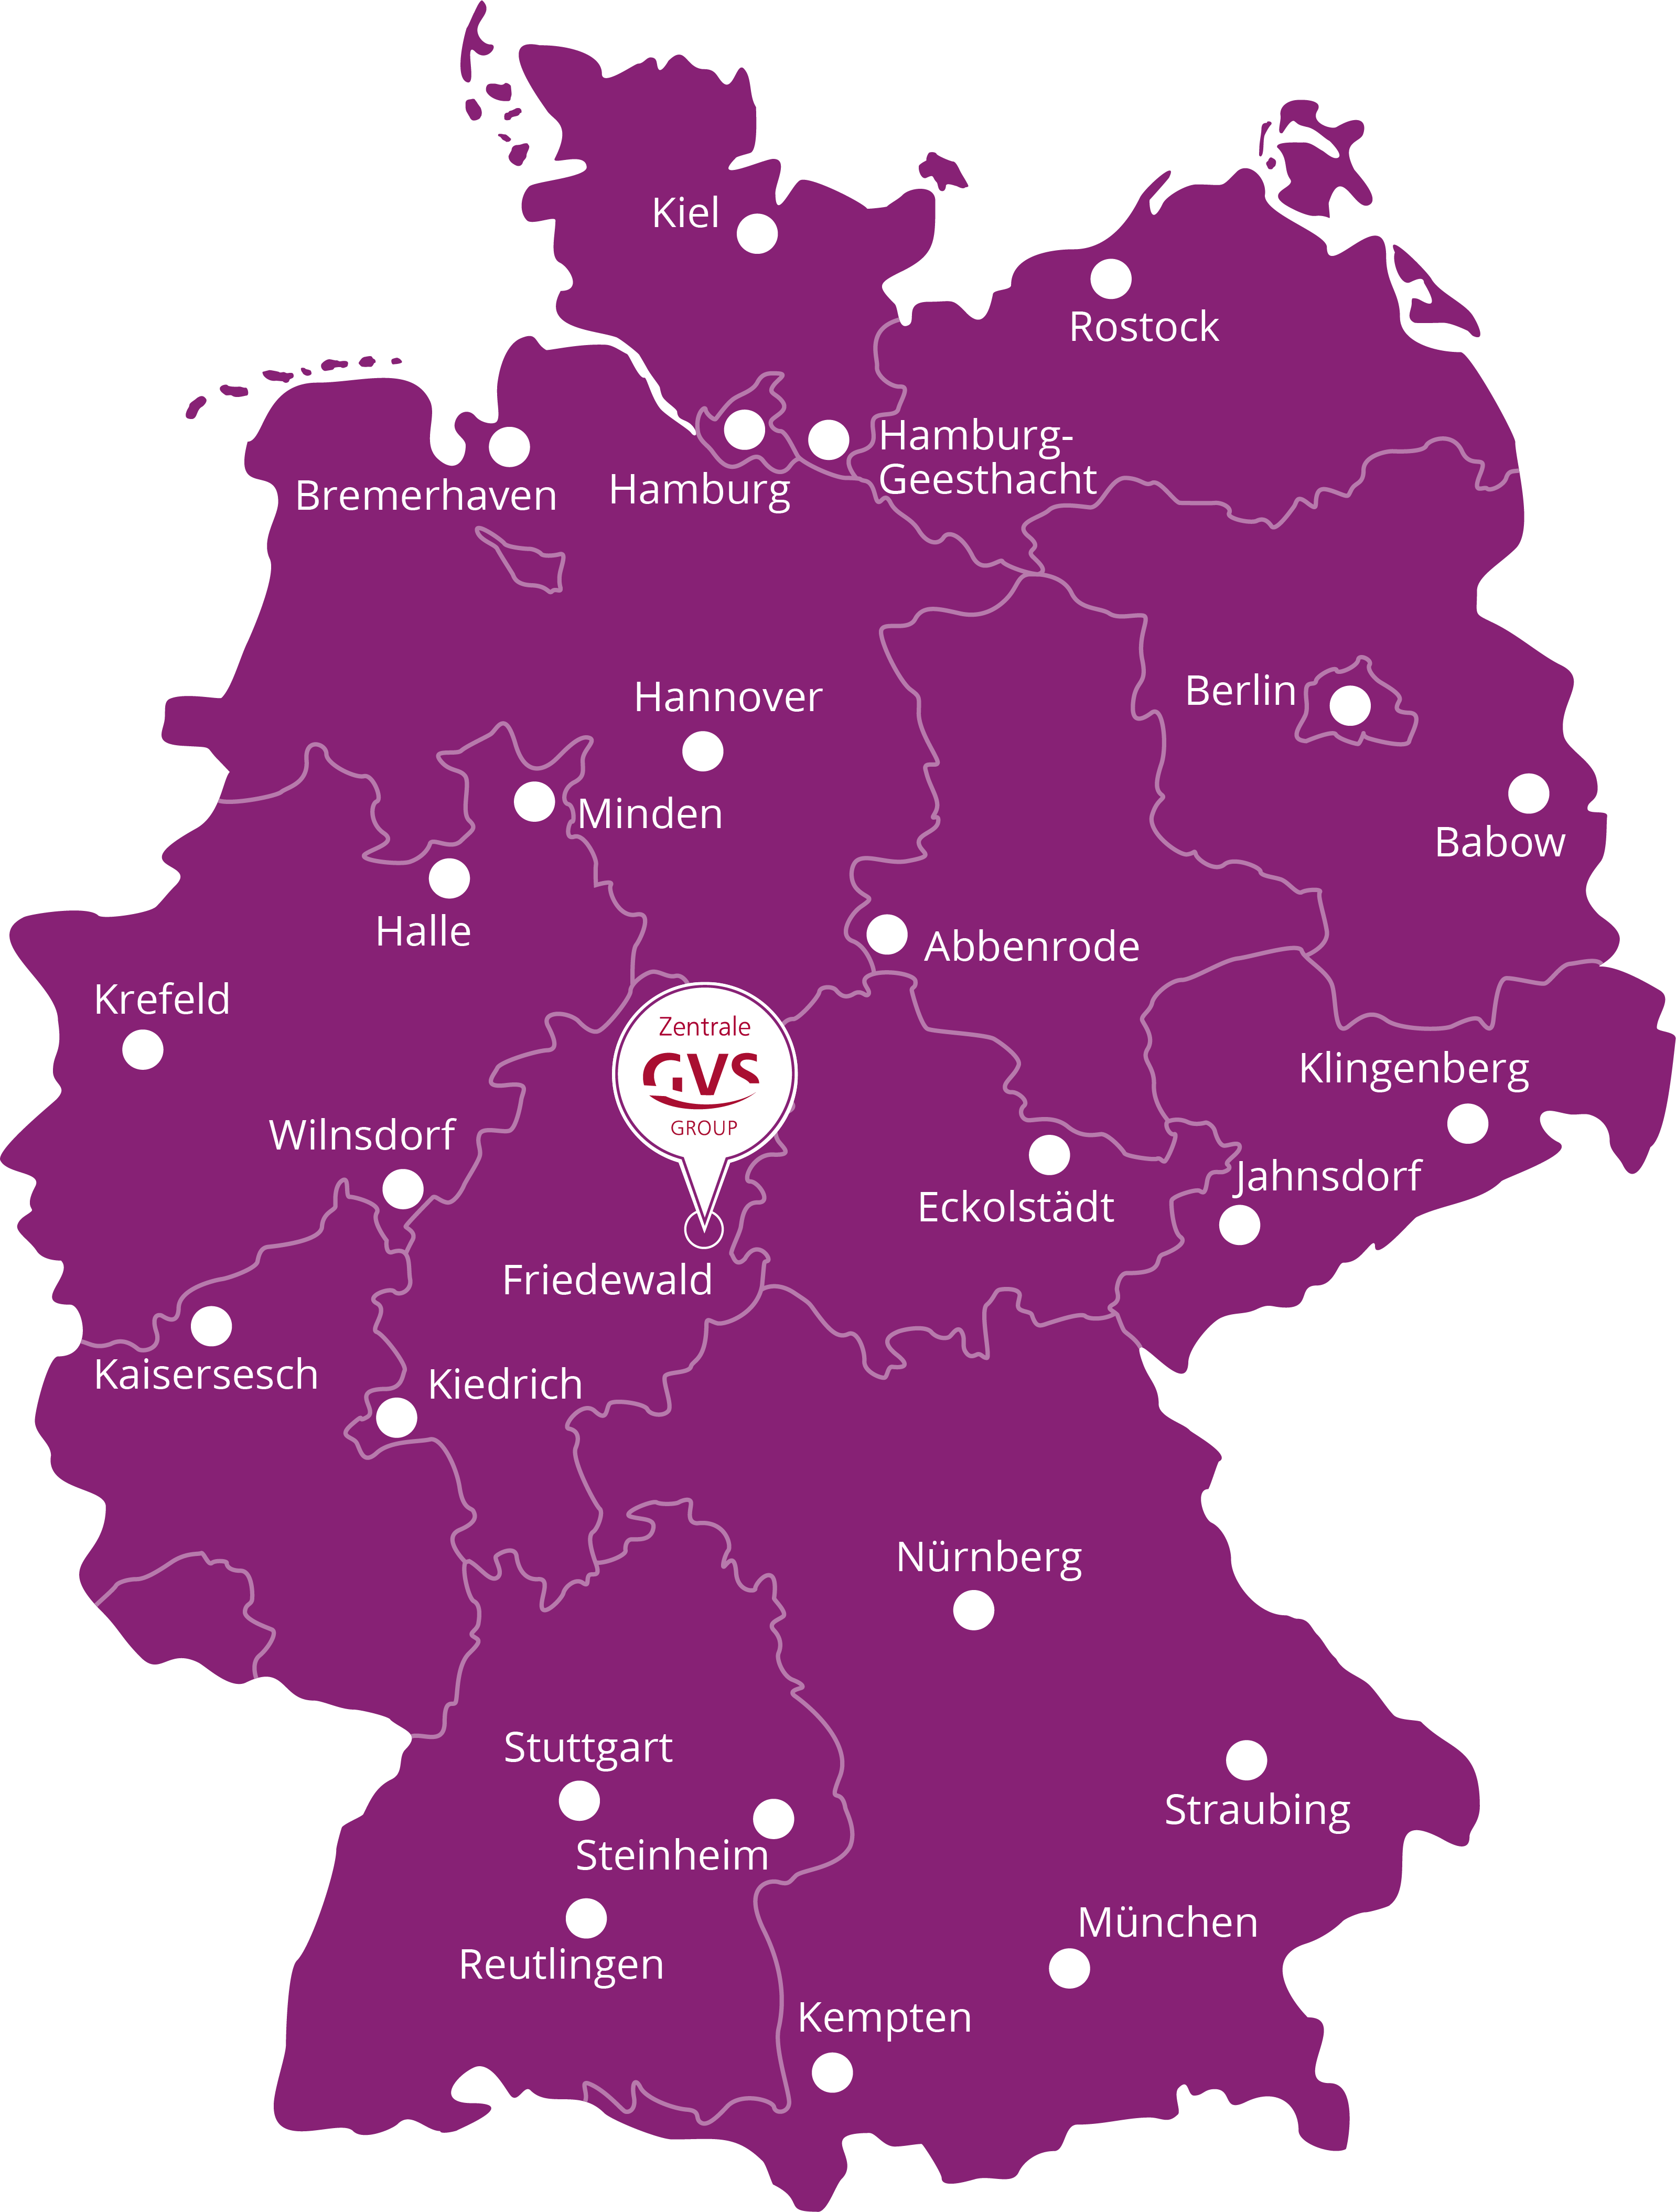 GVS Bezugsquellen in Deutschland